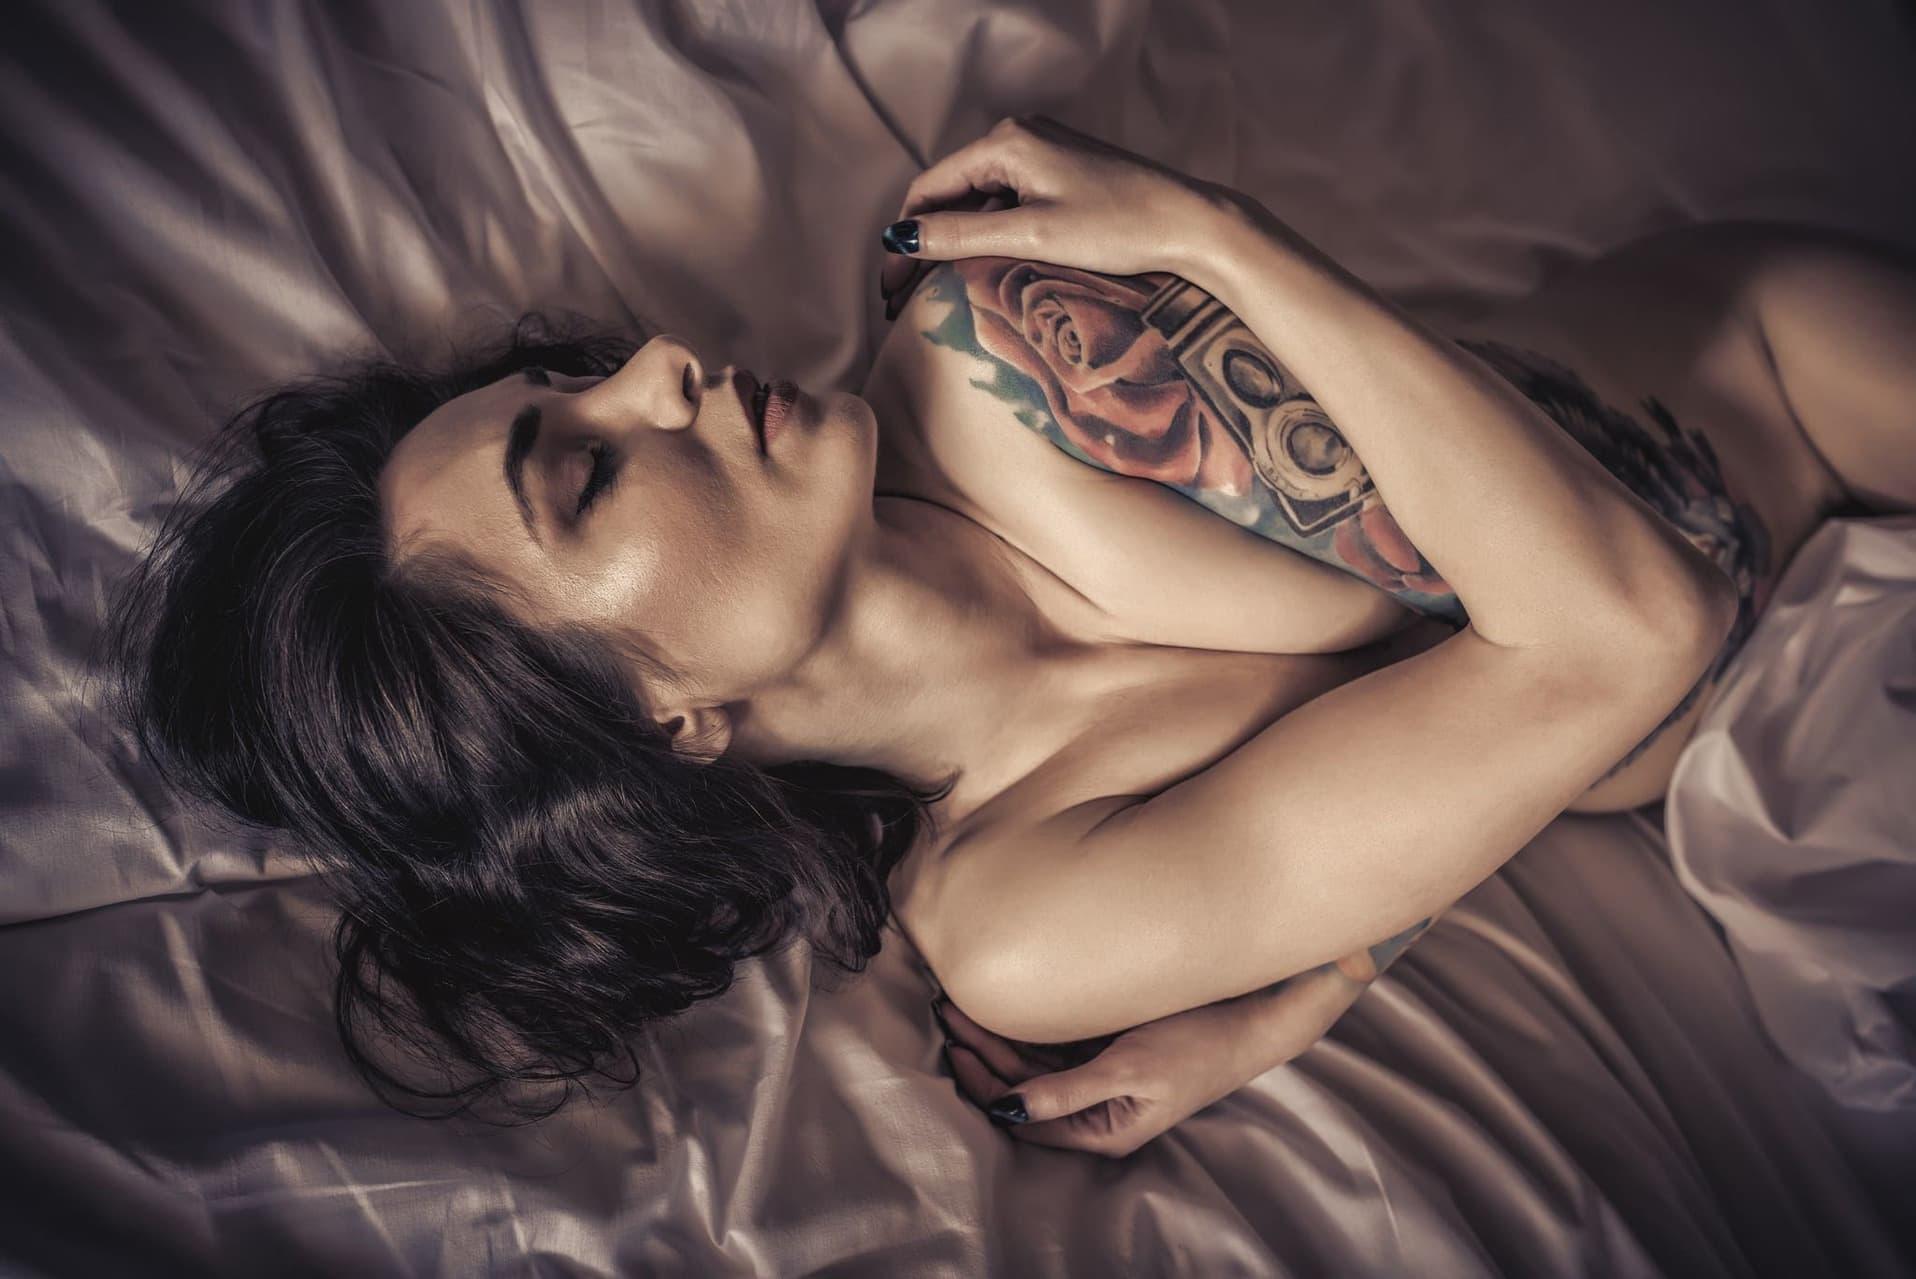 akt - boudoir - nude - glamour - photo - fotograf